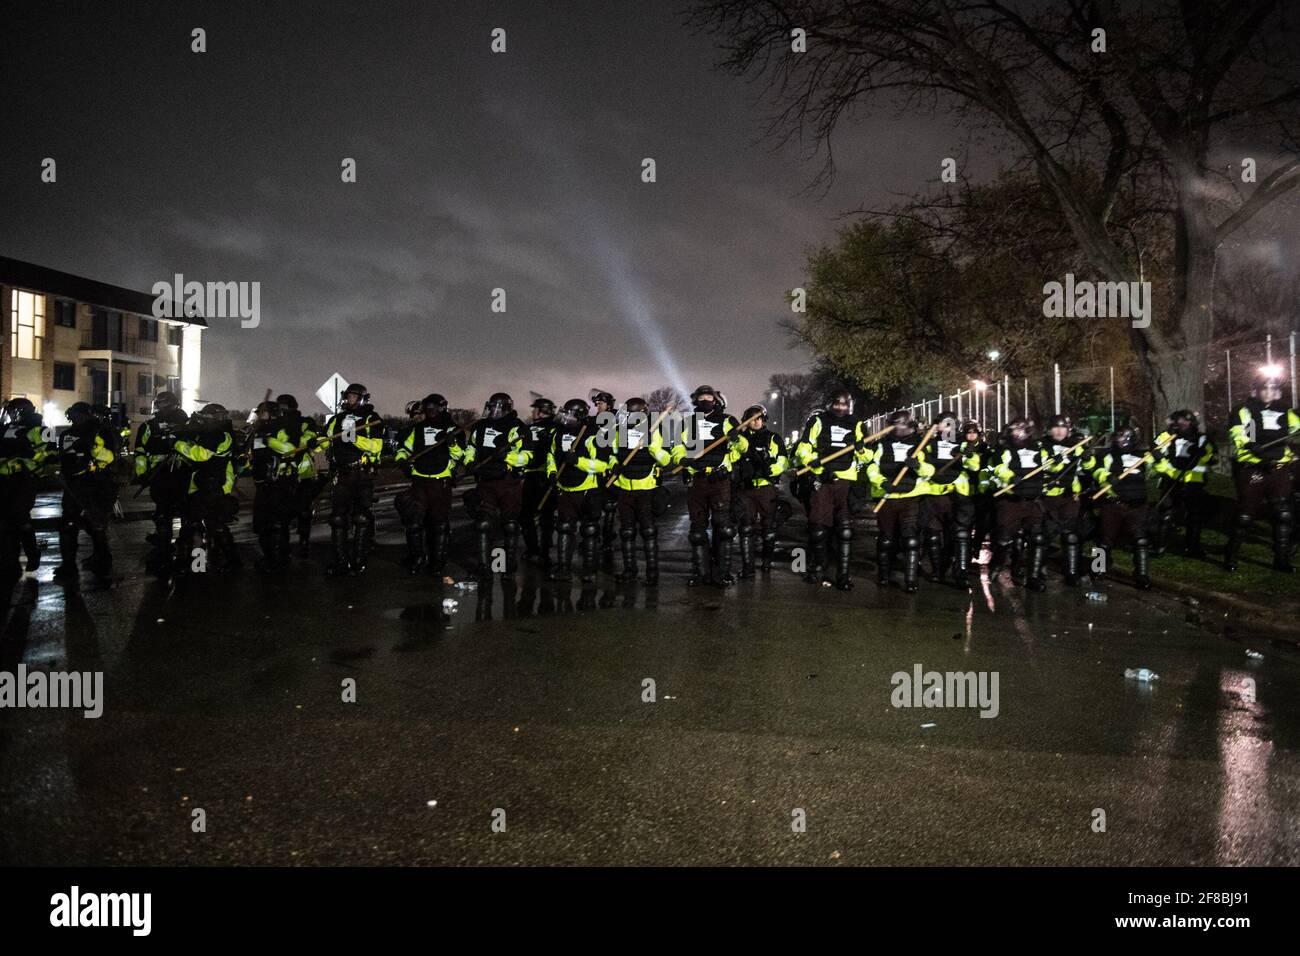 Brooklyn Center, Minnesota, 12 aprile 2021, i manifestanti e gli ufficiali di polizia si scontrano fuori dal Brooklyn Center Police Department il 12 aprile 2021 a Brooklyn Center, Minnesota, dopo l'uccisione di Daunte Wright. Foto: Chris Tuite/ImageSPACE /MediaPunch Foto Stock